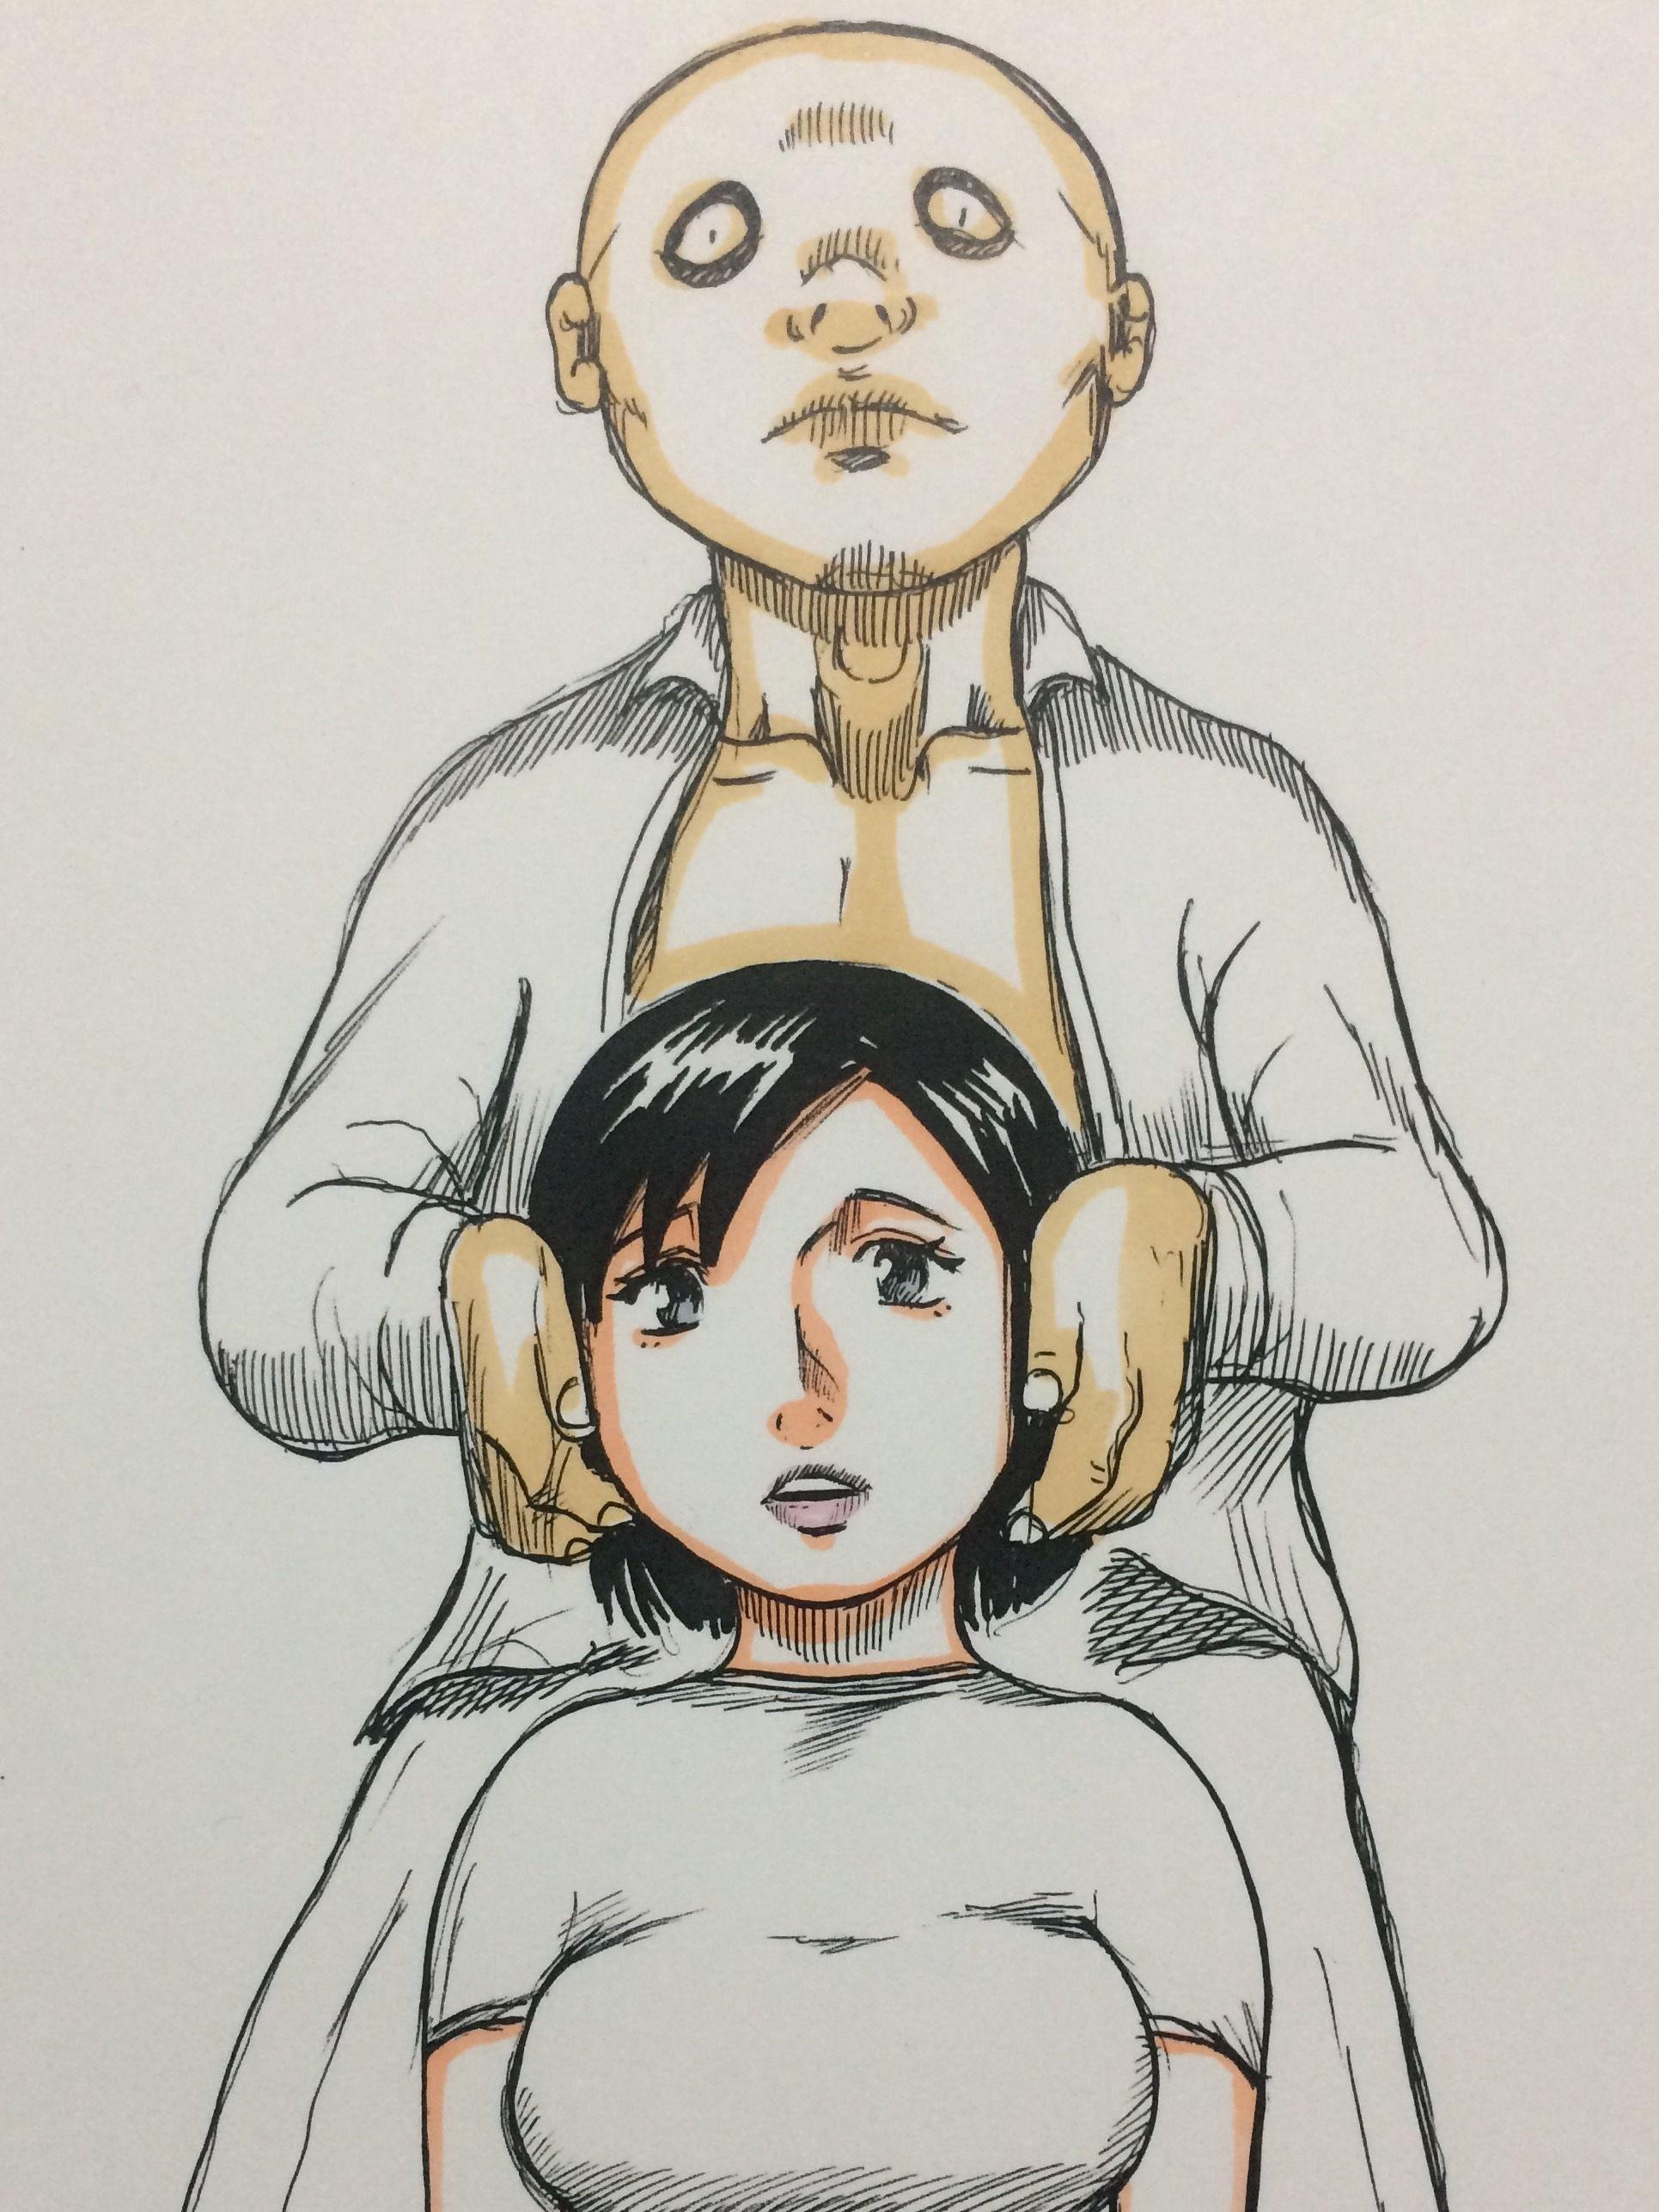 【N-zumi-ha 同人】翠さんと暴君